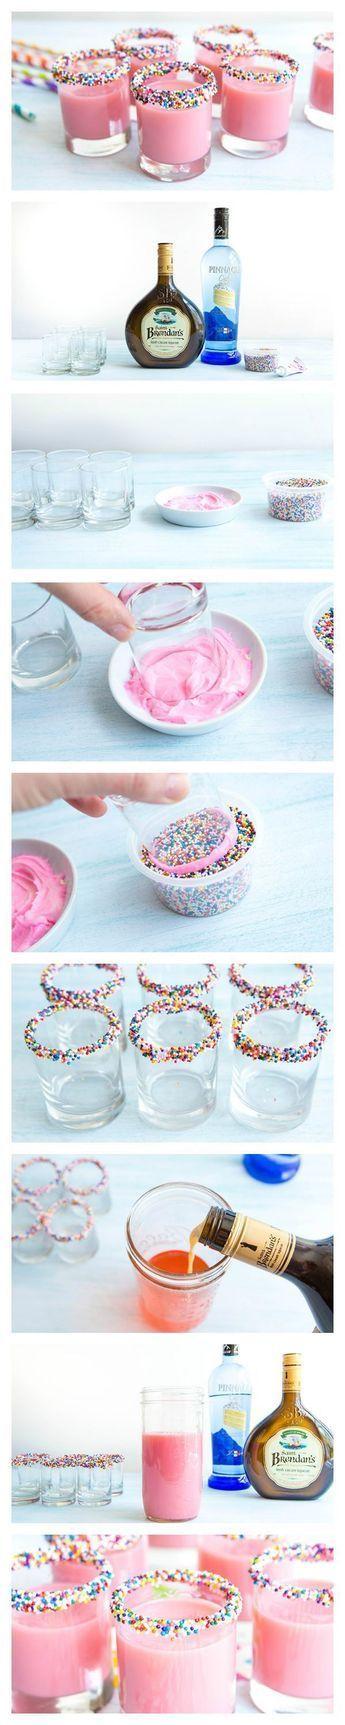 Best 25 Cake shots ideas on Pinterest Vanilla pudding shots